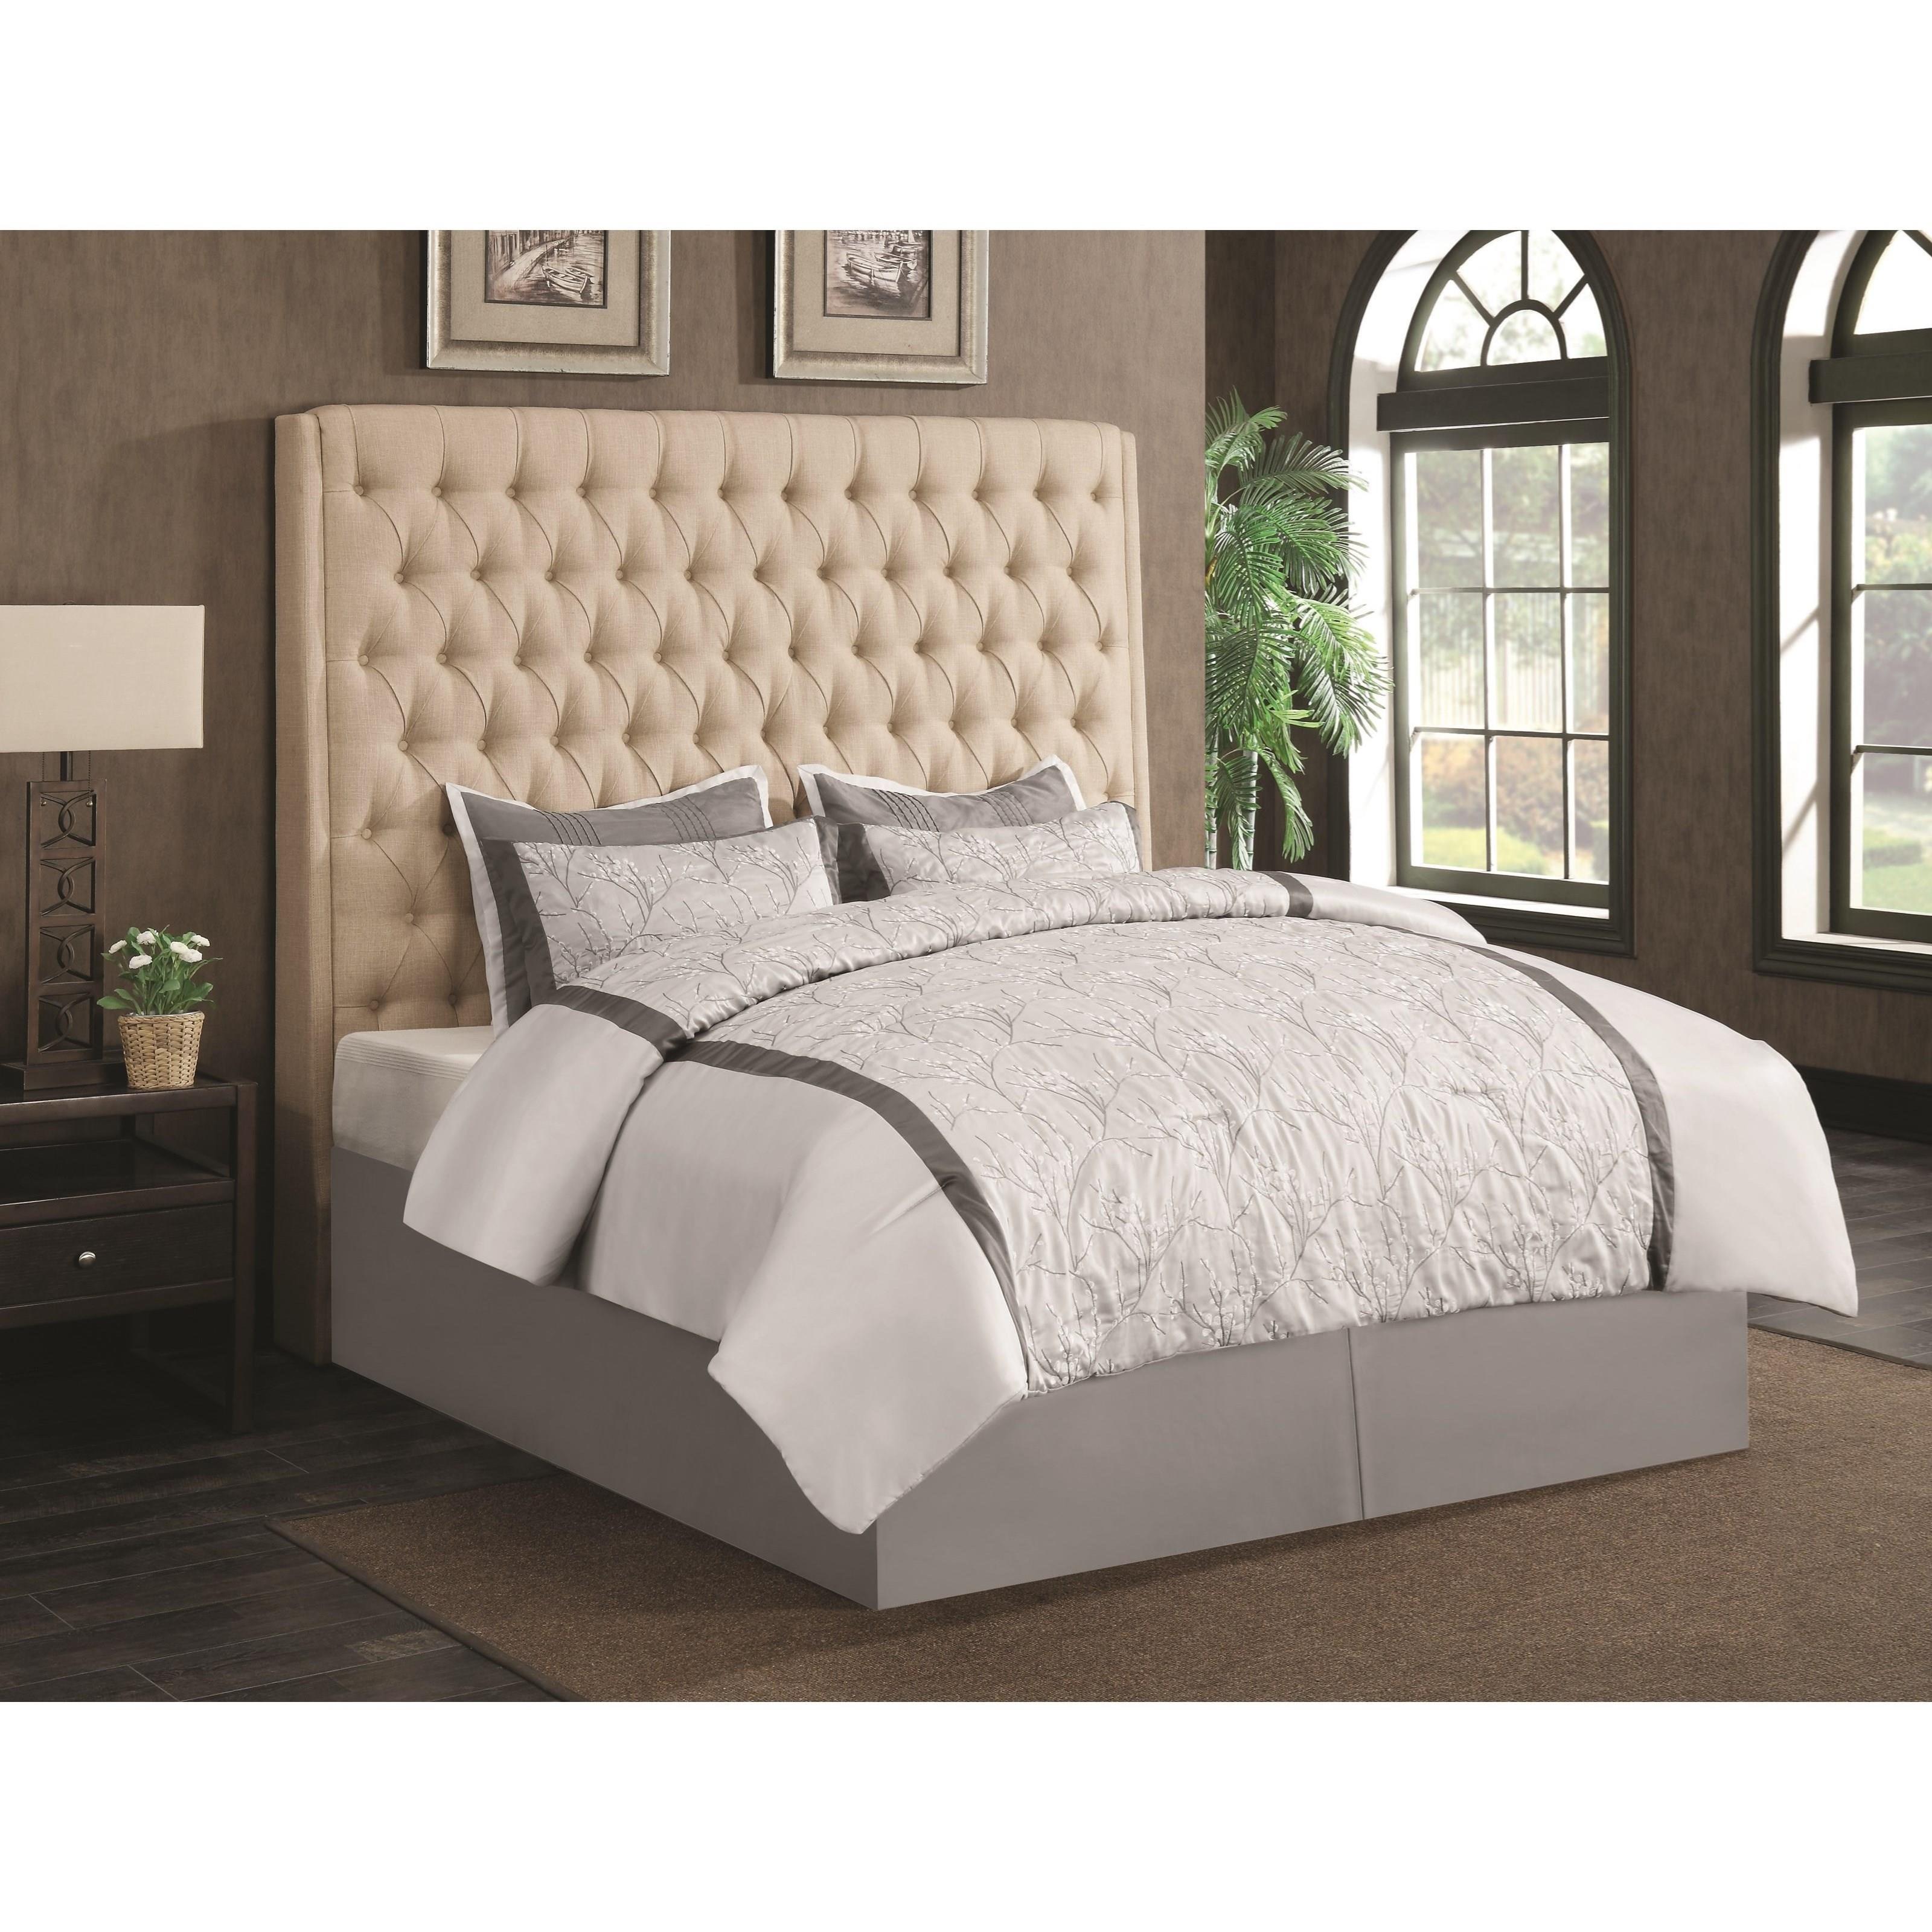 Coaster Upholstered Beds Cal King Headboard - Item Number: 300722KWB1